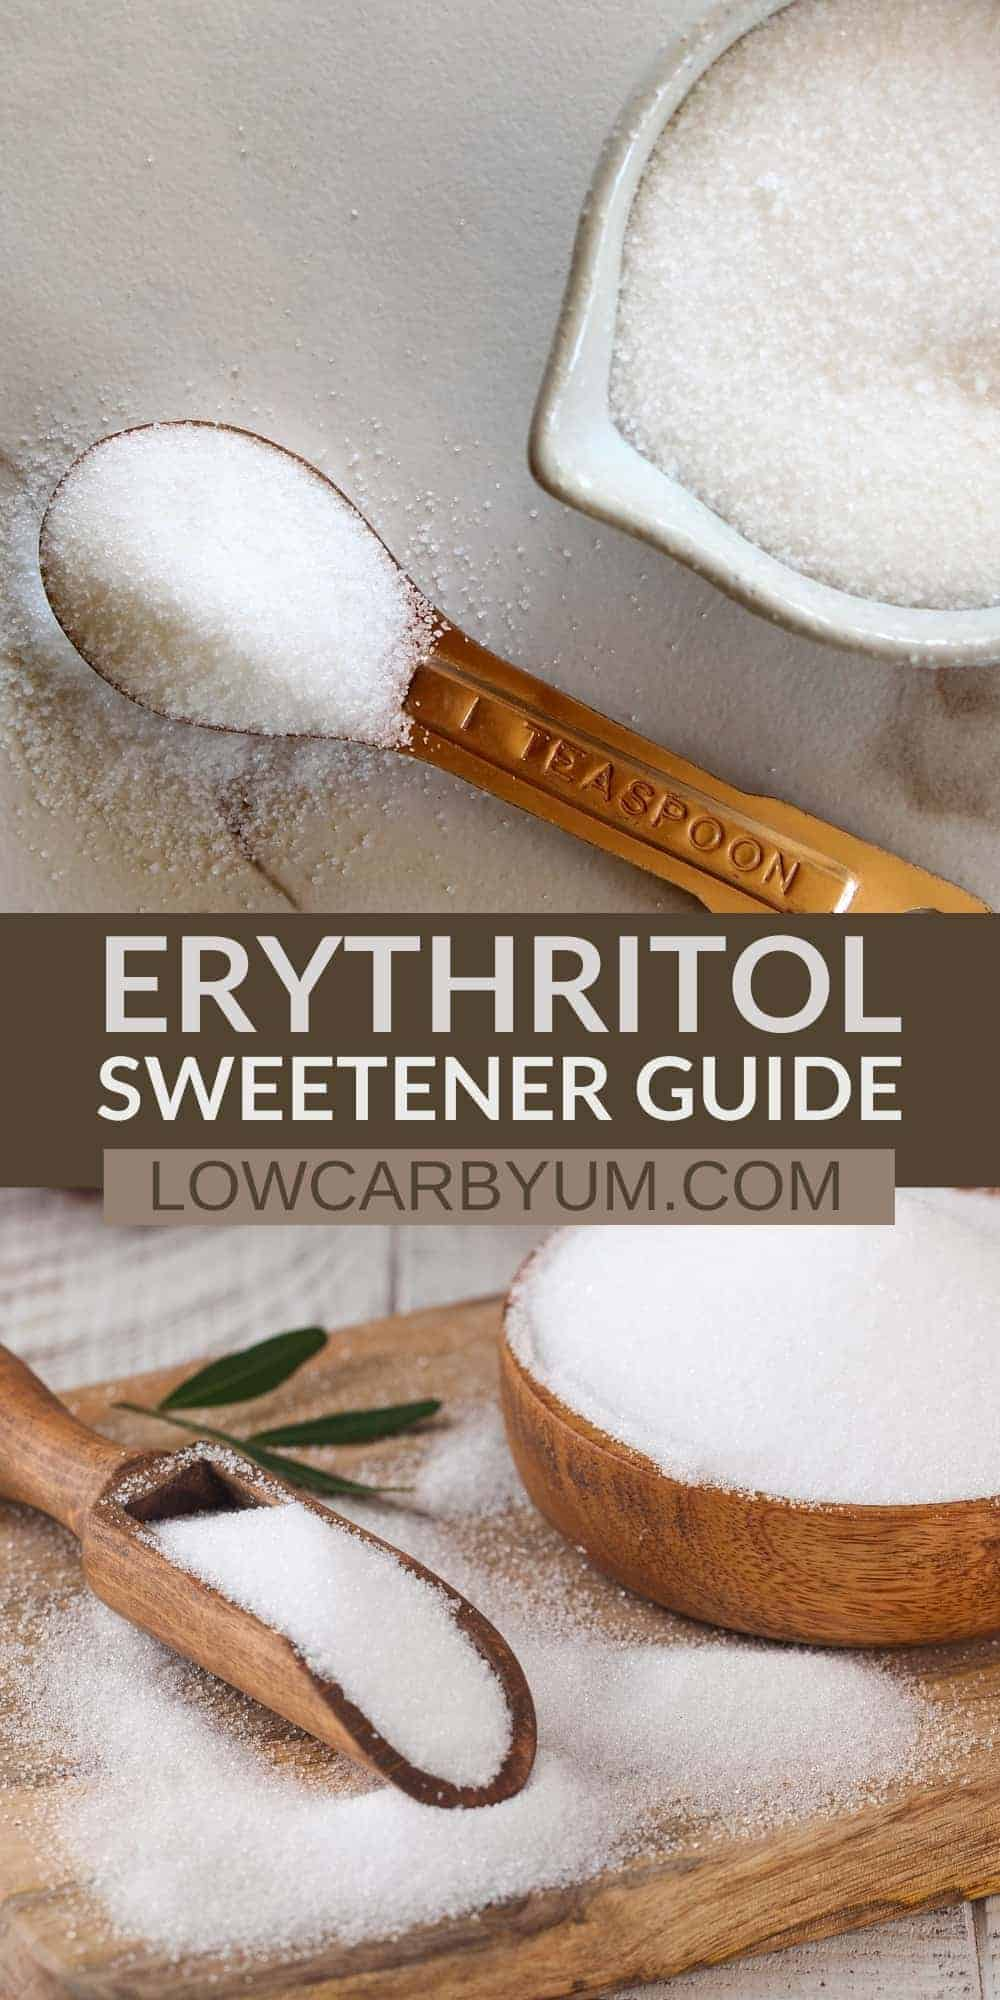 erythritol sweetener pinterest image